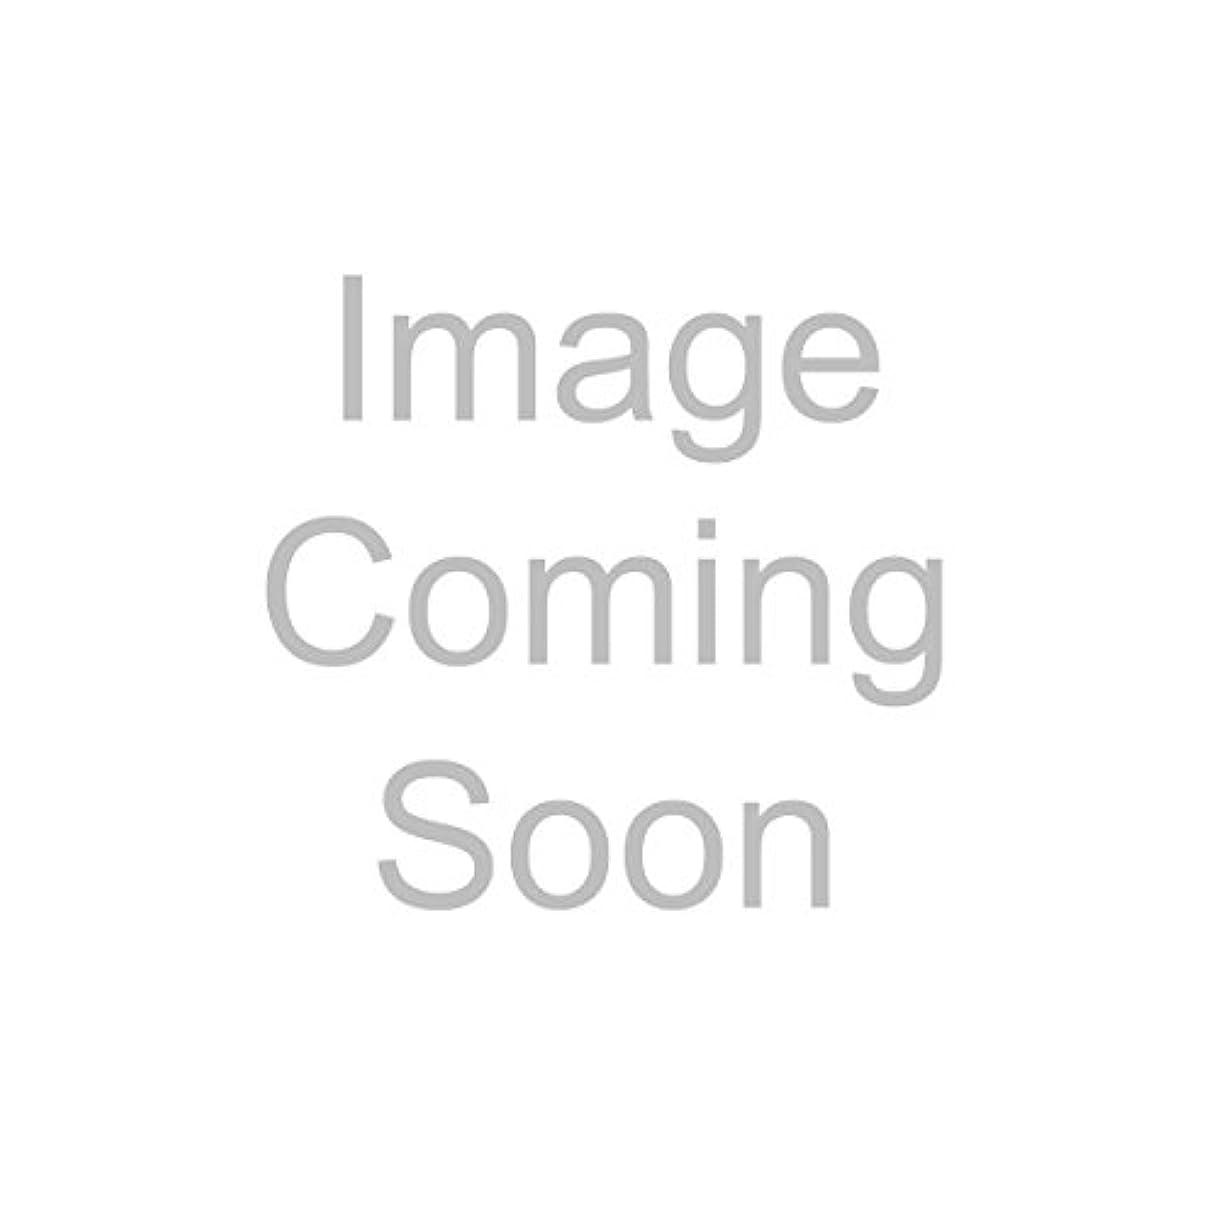 ケイ素階層メカニックナルシソ ロドリゲス フォーハー シャワージェル 200ml/6.7oz 200ml/6.7oz